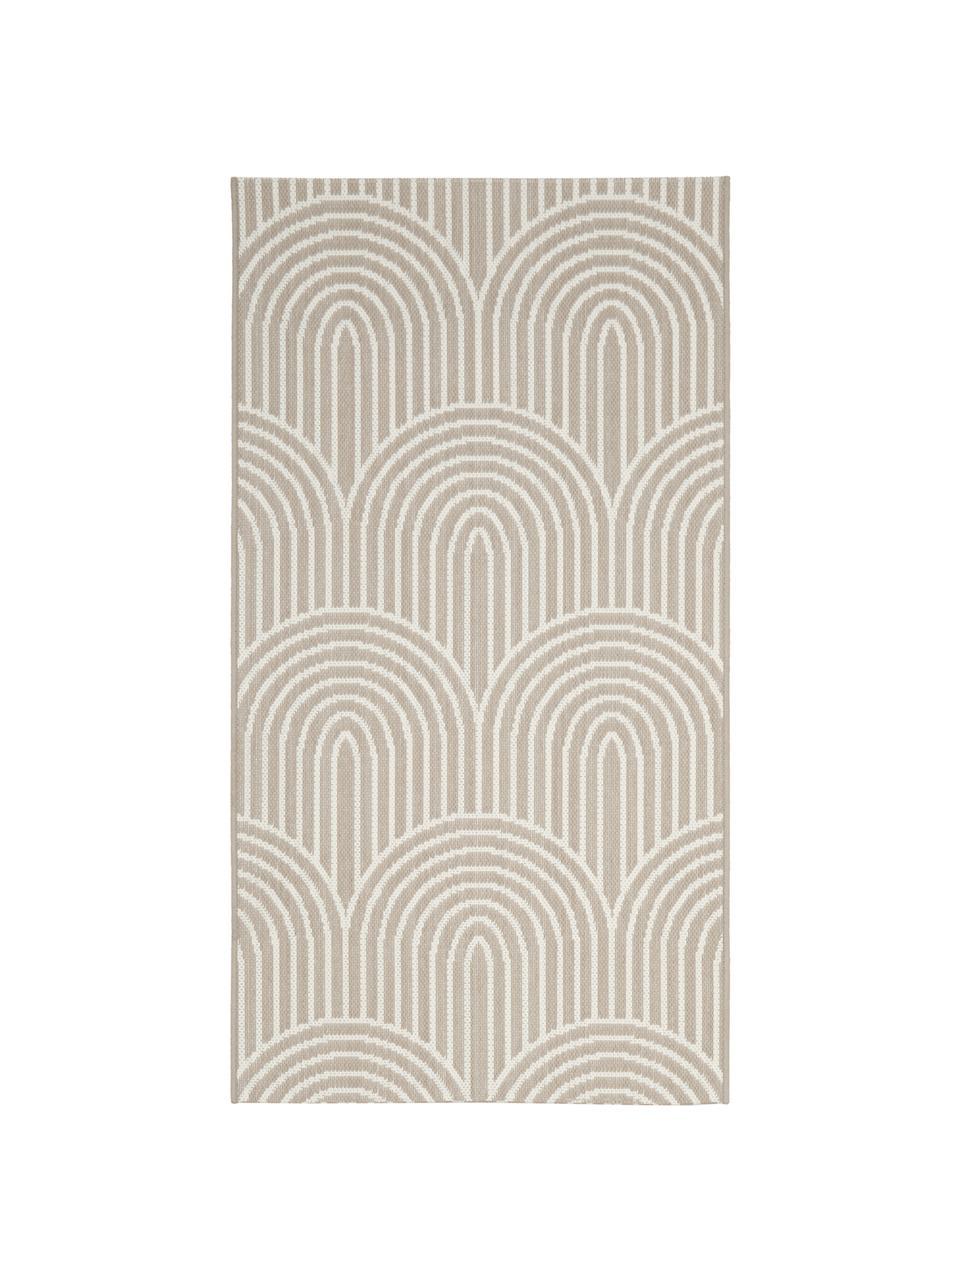 Tappeto beige/bianco da interno-esterno Arches, 86% polipropilene, 14% poliestere, Beige, bianco, Larg. 200 x Lung. 290 cm (taglia L)